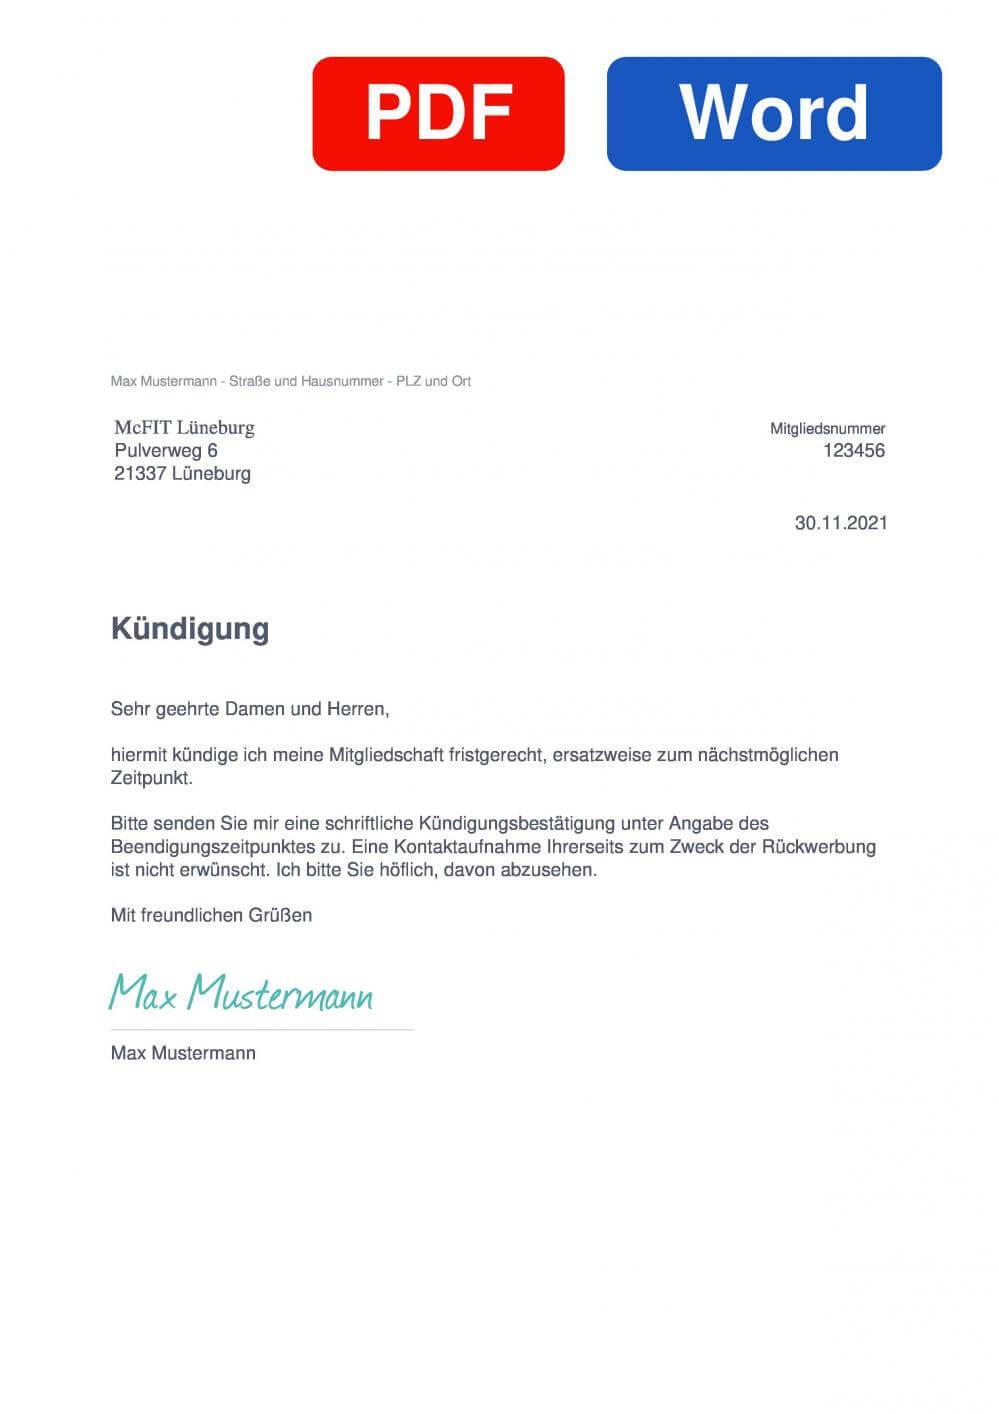 McFIT Lüneburg Muster Vorlage für Kündigungsschreiben